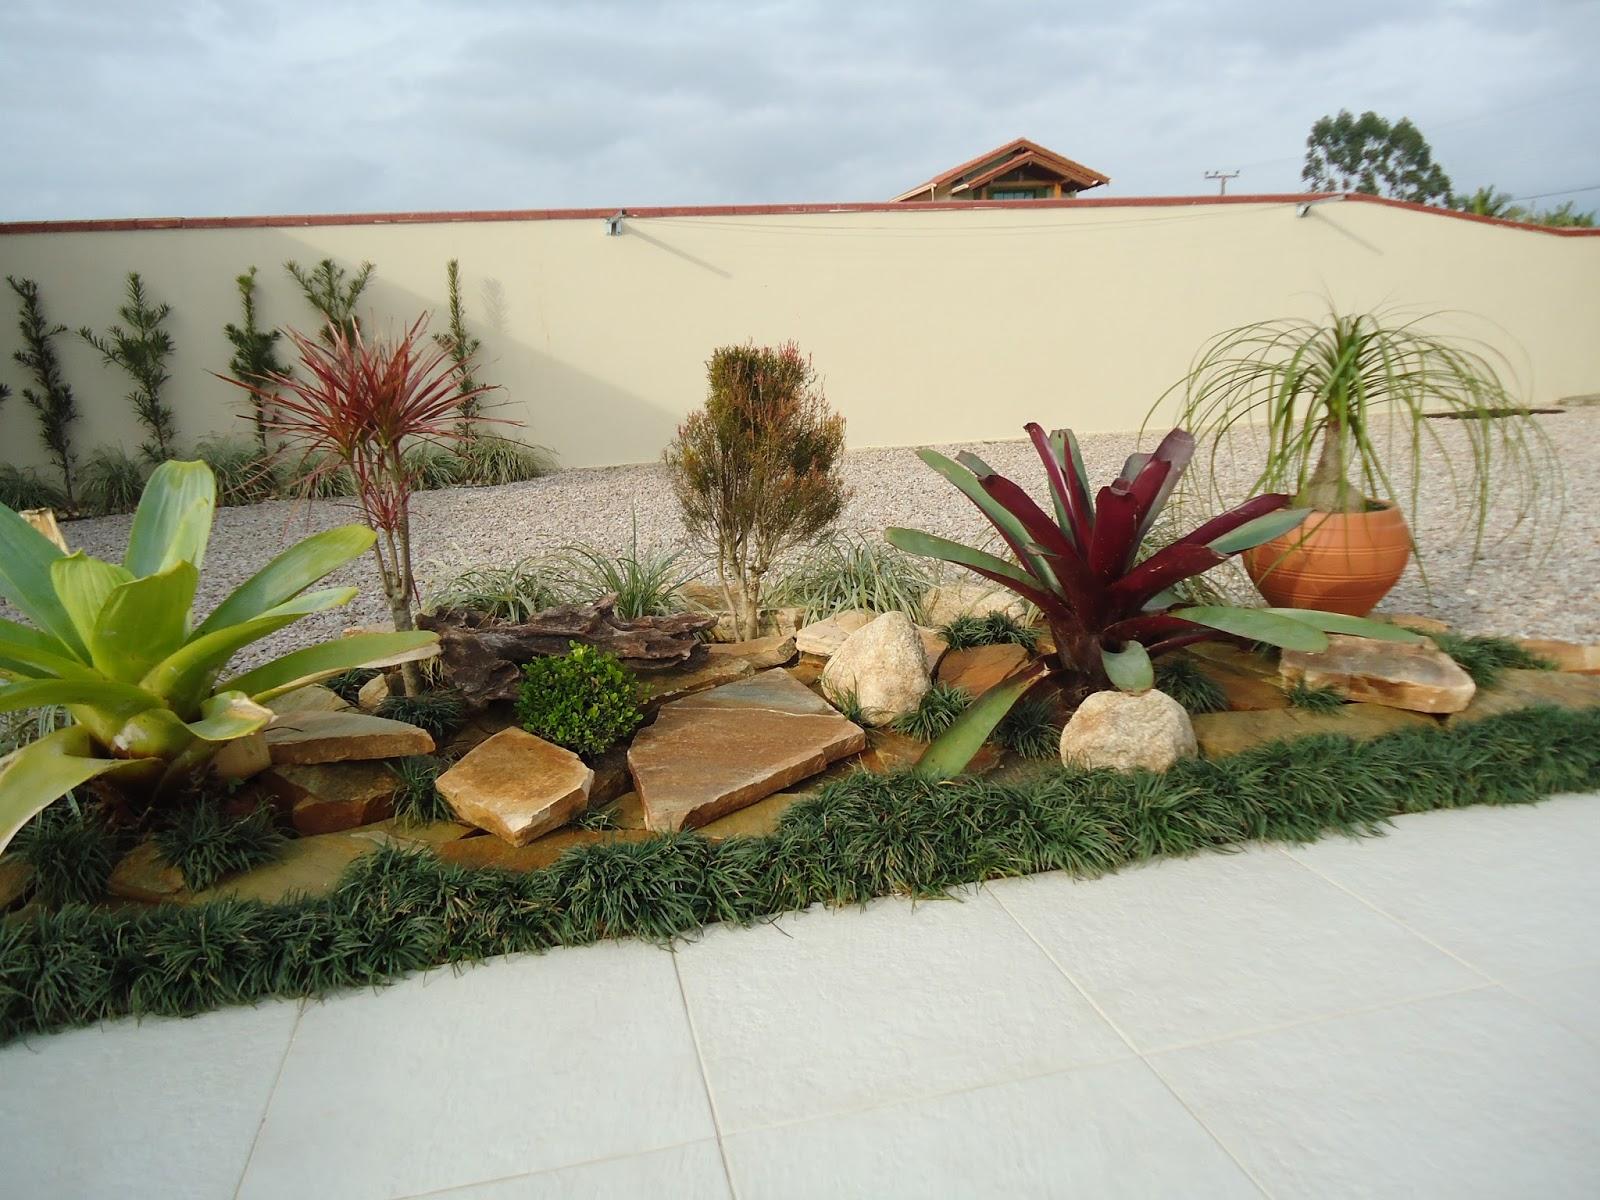 pedras para jardim em sorocaba:Pedras e Jardins: Paisagismo. Jardim com pedra São tomé (caco)